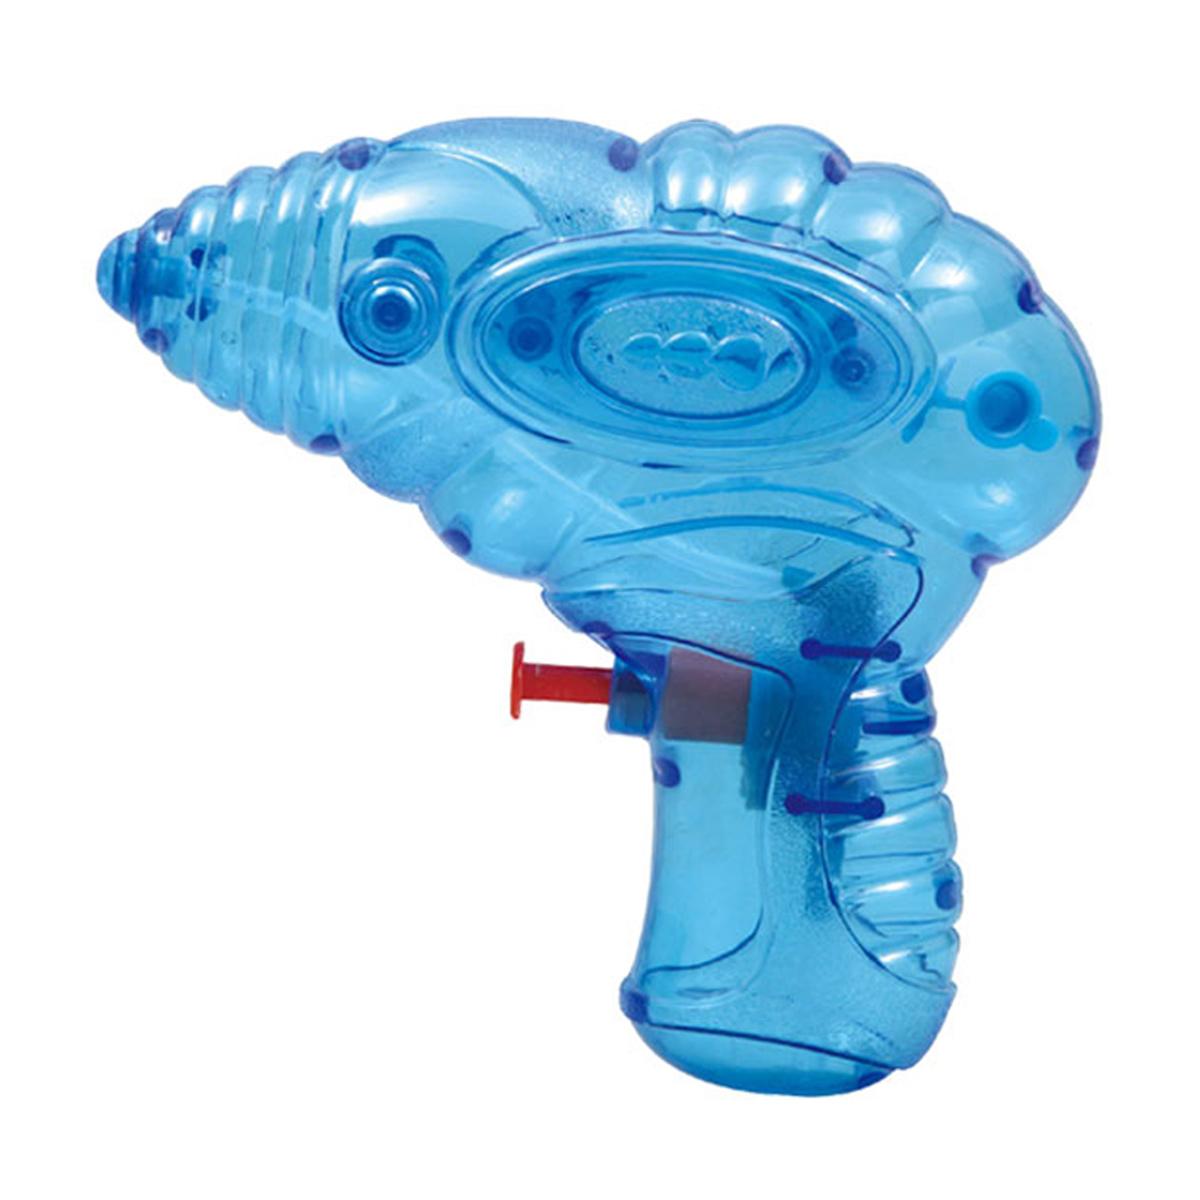 コンパクト ウォーターガン キッズ 子供 水鉄砲 水遊び 知育玩具 おもちゃ 外遊び クリスマスプレゼント